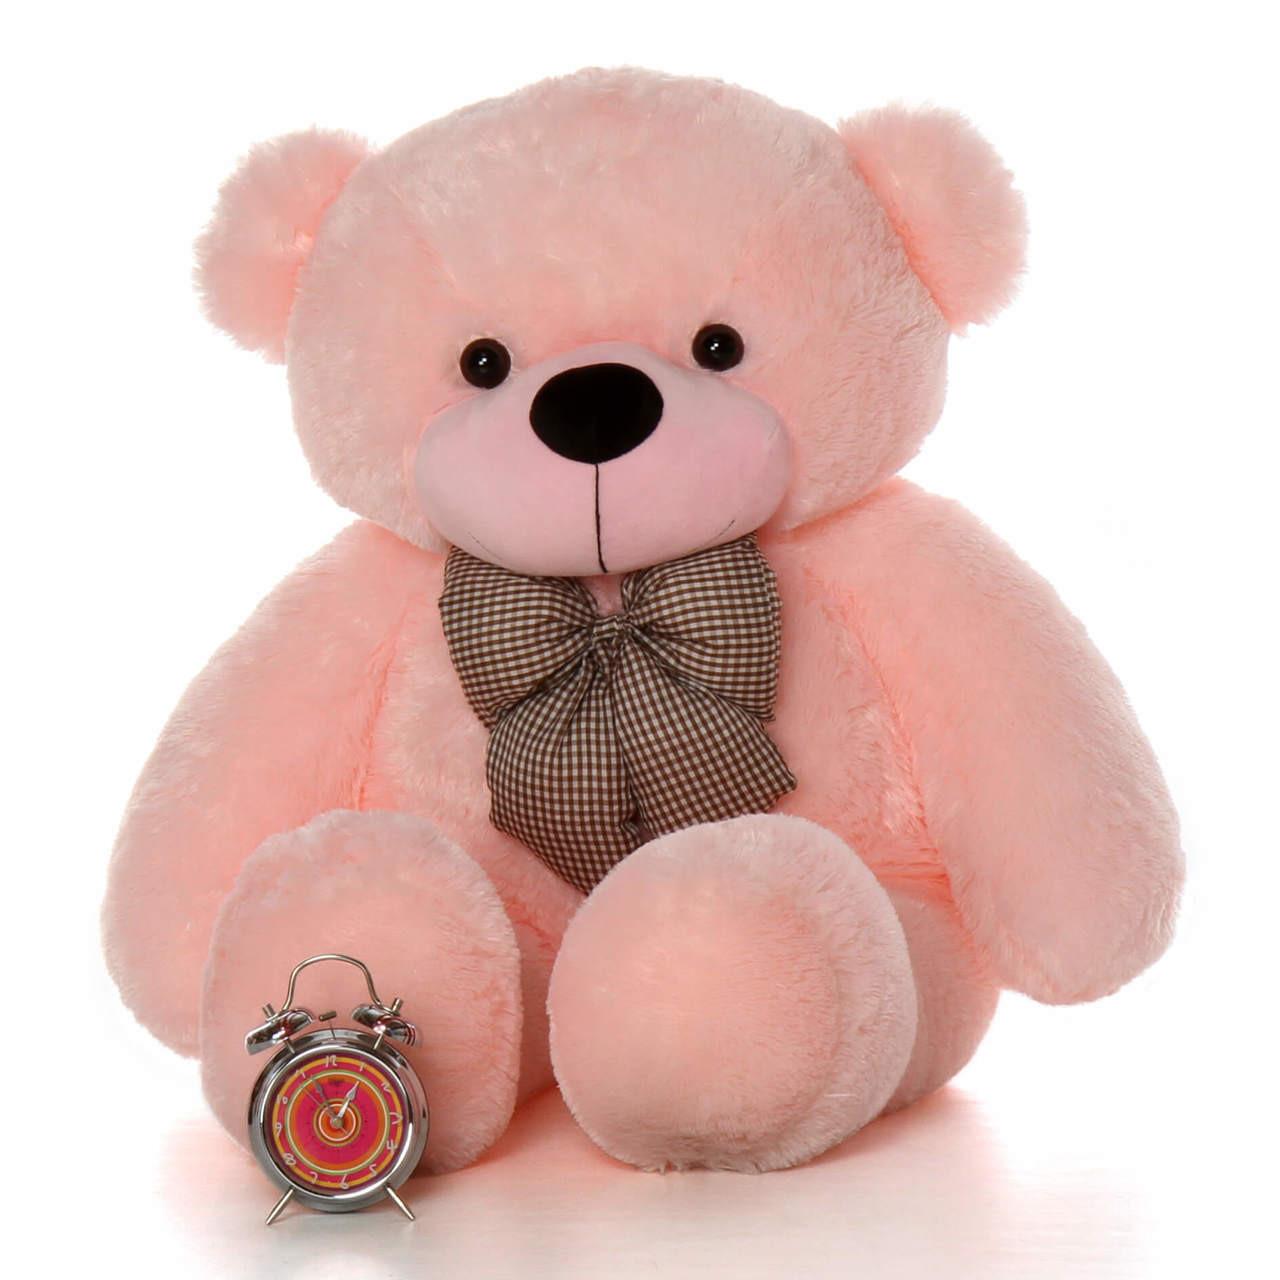 46in Lady Cuddles Soft Huggable Pink Teddy Bear